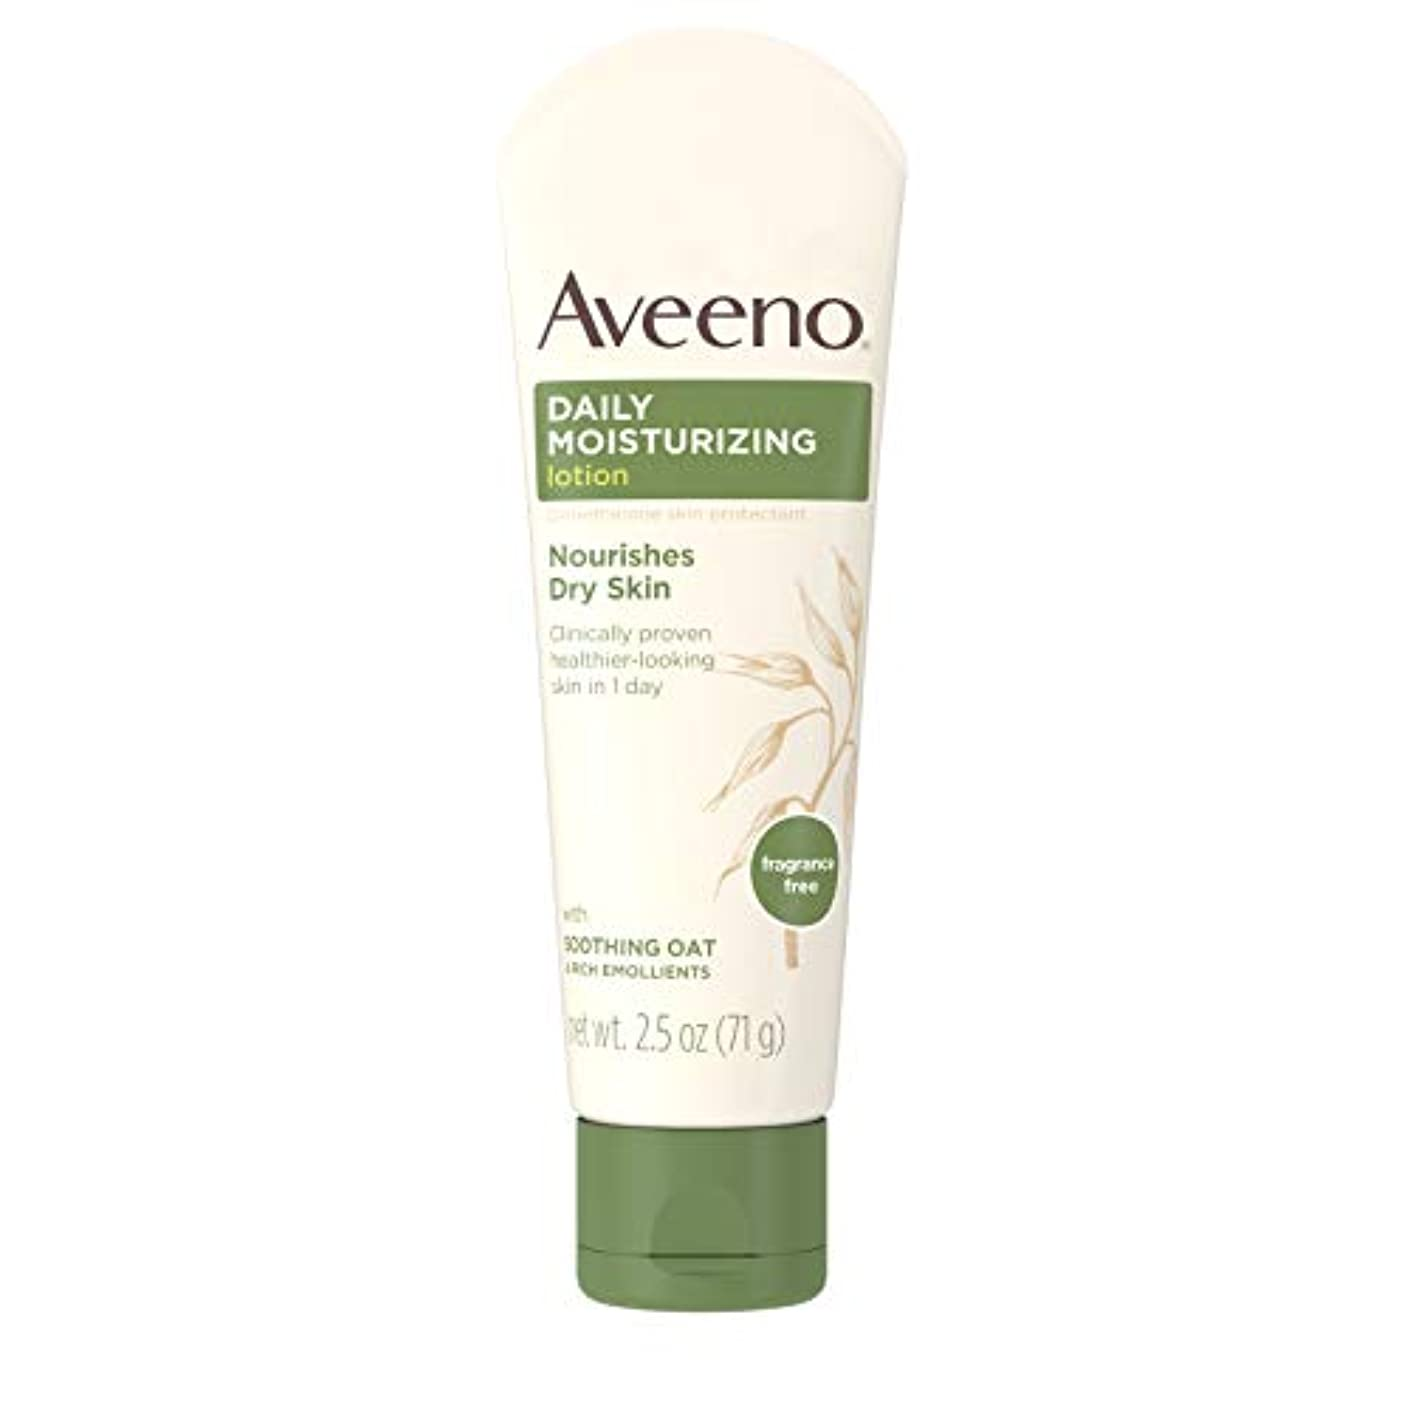 シミュレートする美的たまにAveeno Daily Moisturizing Lotion with Oatmeal and Rich Emollients Fragrance Free, 2.5 oz by Aveeno